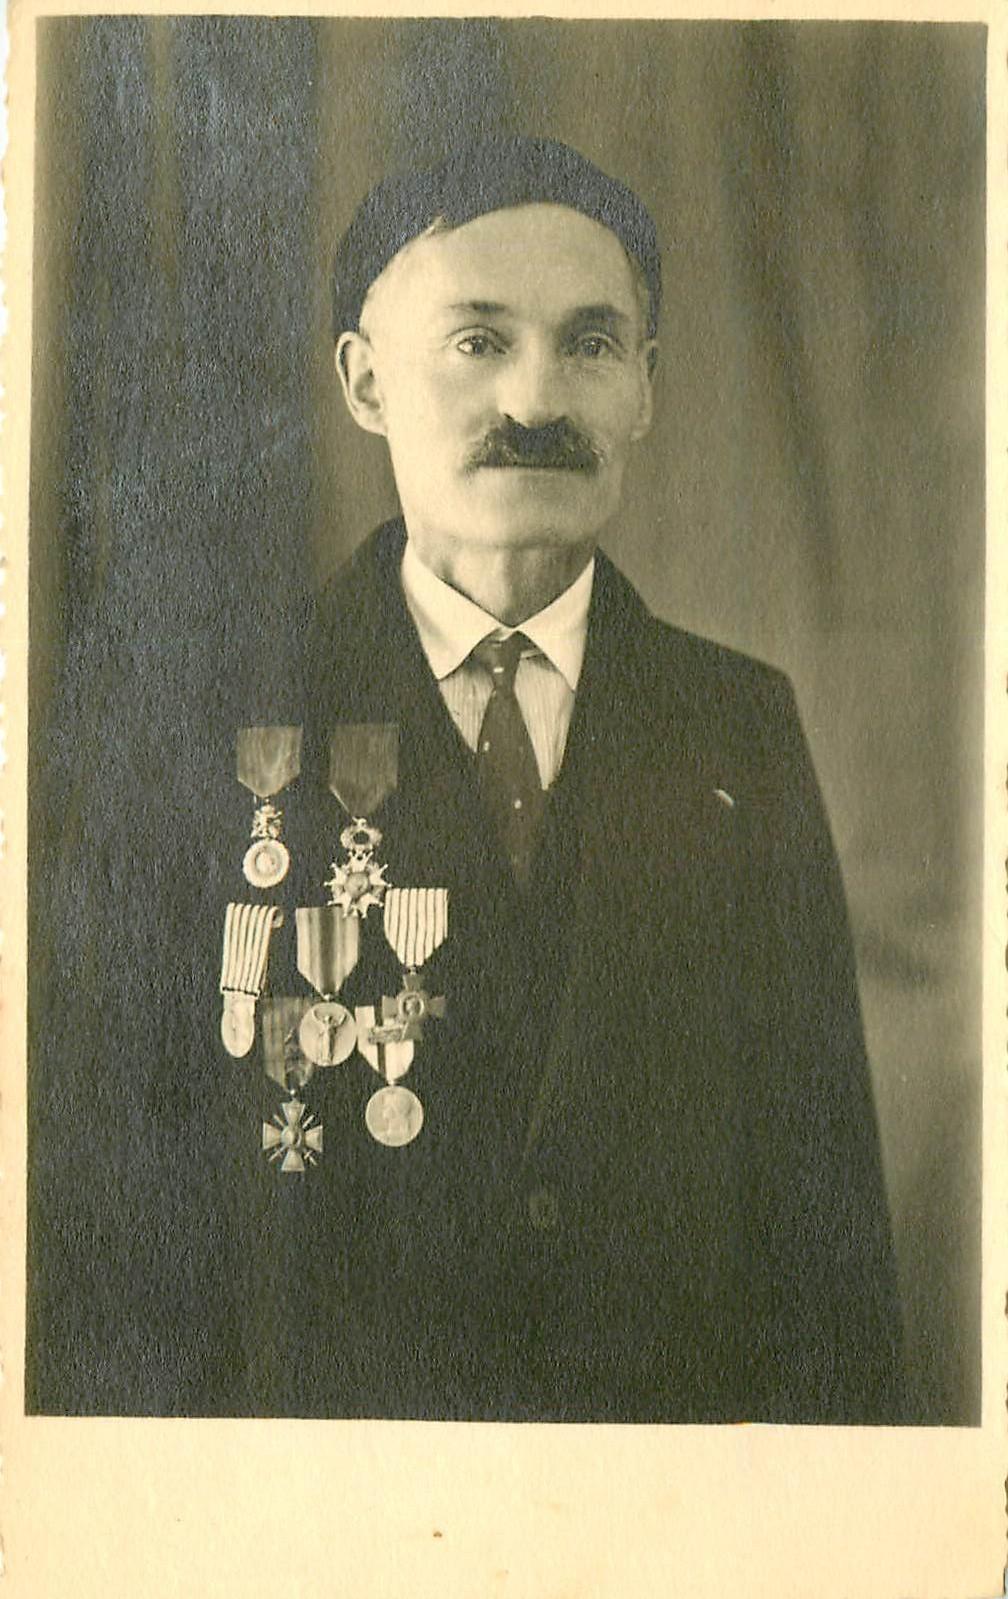 WW PARIS XVIII. Photo Cpa d'un Chevalier de la Légion d'Honneur et autres médailles